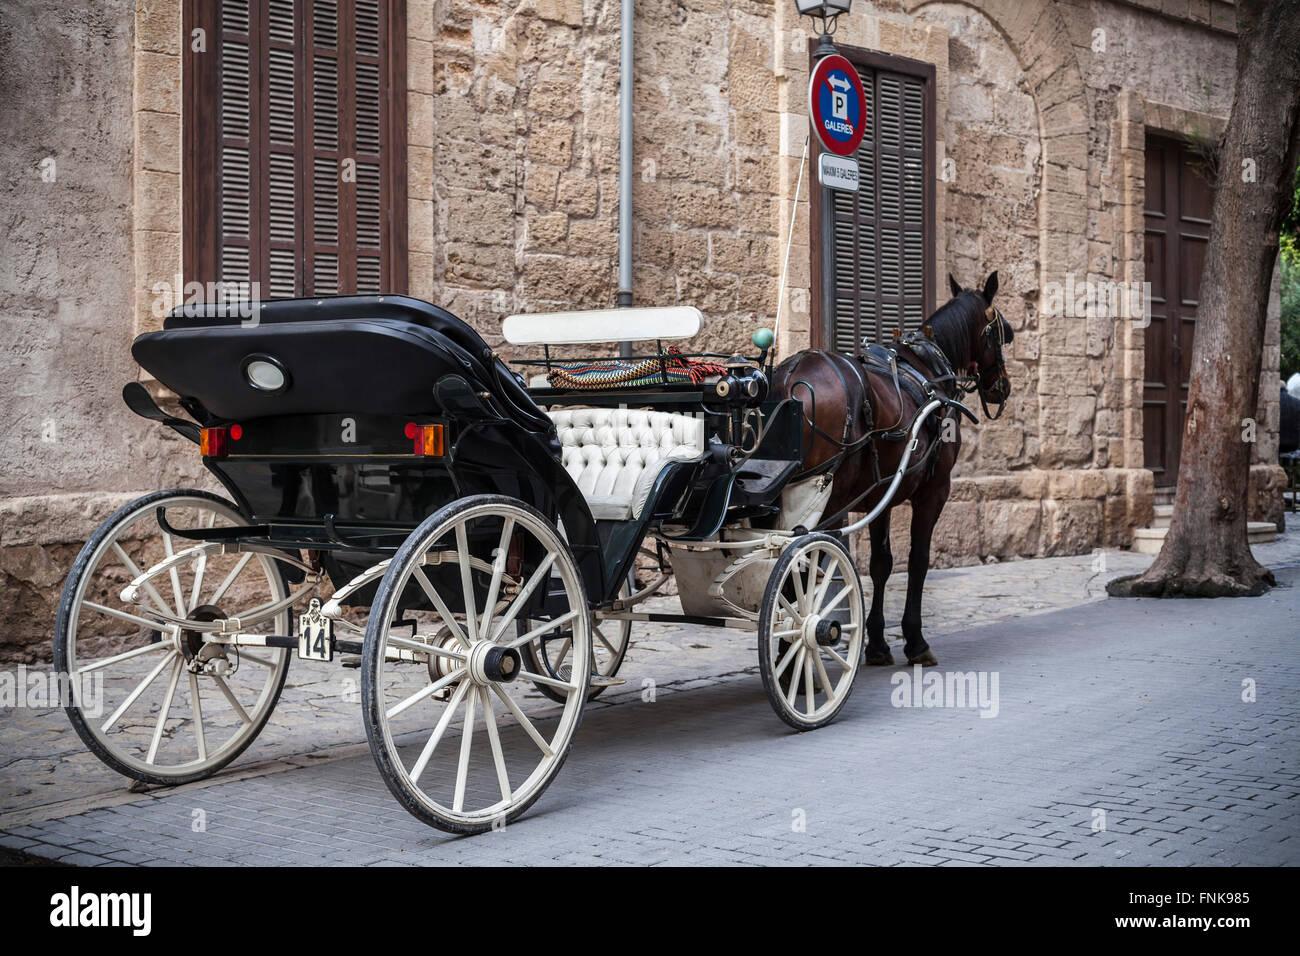 Caballo de carro en Palma de Mallorca, Islas Baleares, España. Imagen De Stock